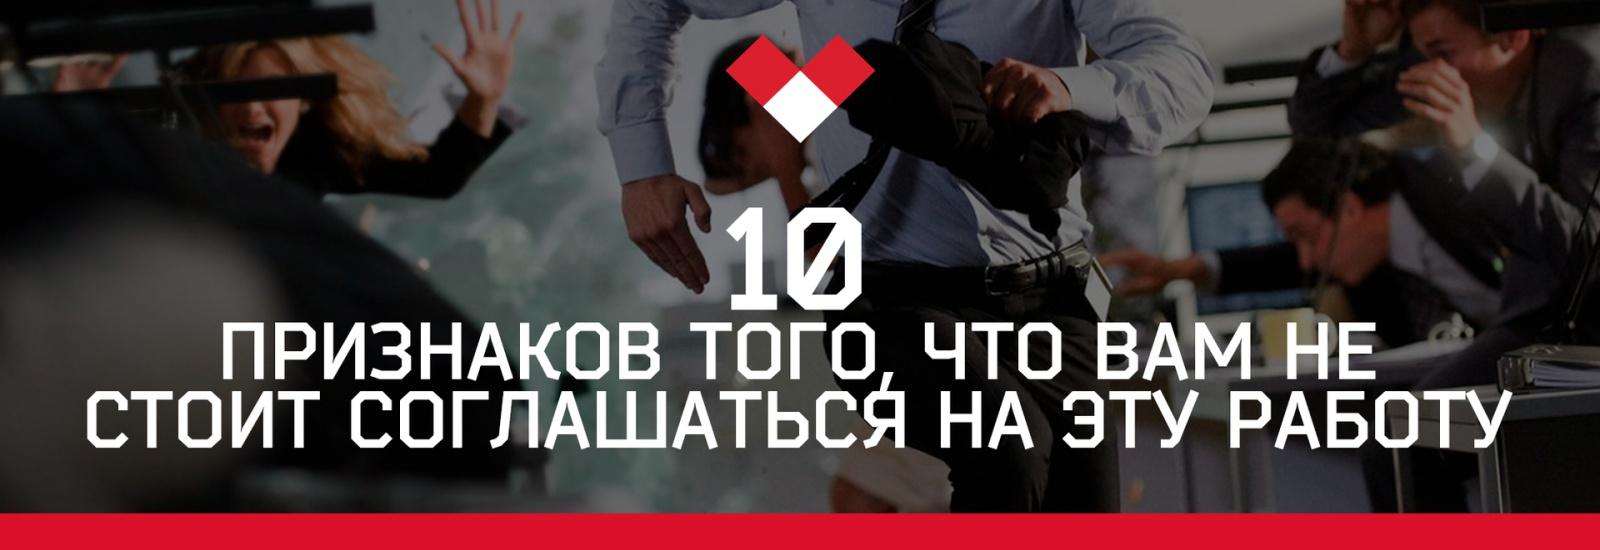 10 признаков того, что вам не стоит соглашаться на эту работу - 1